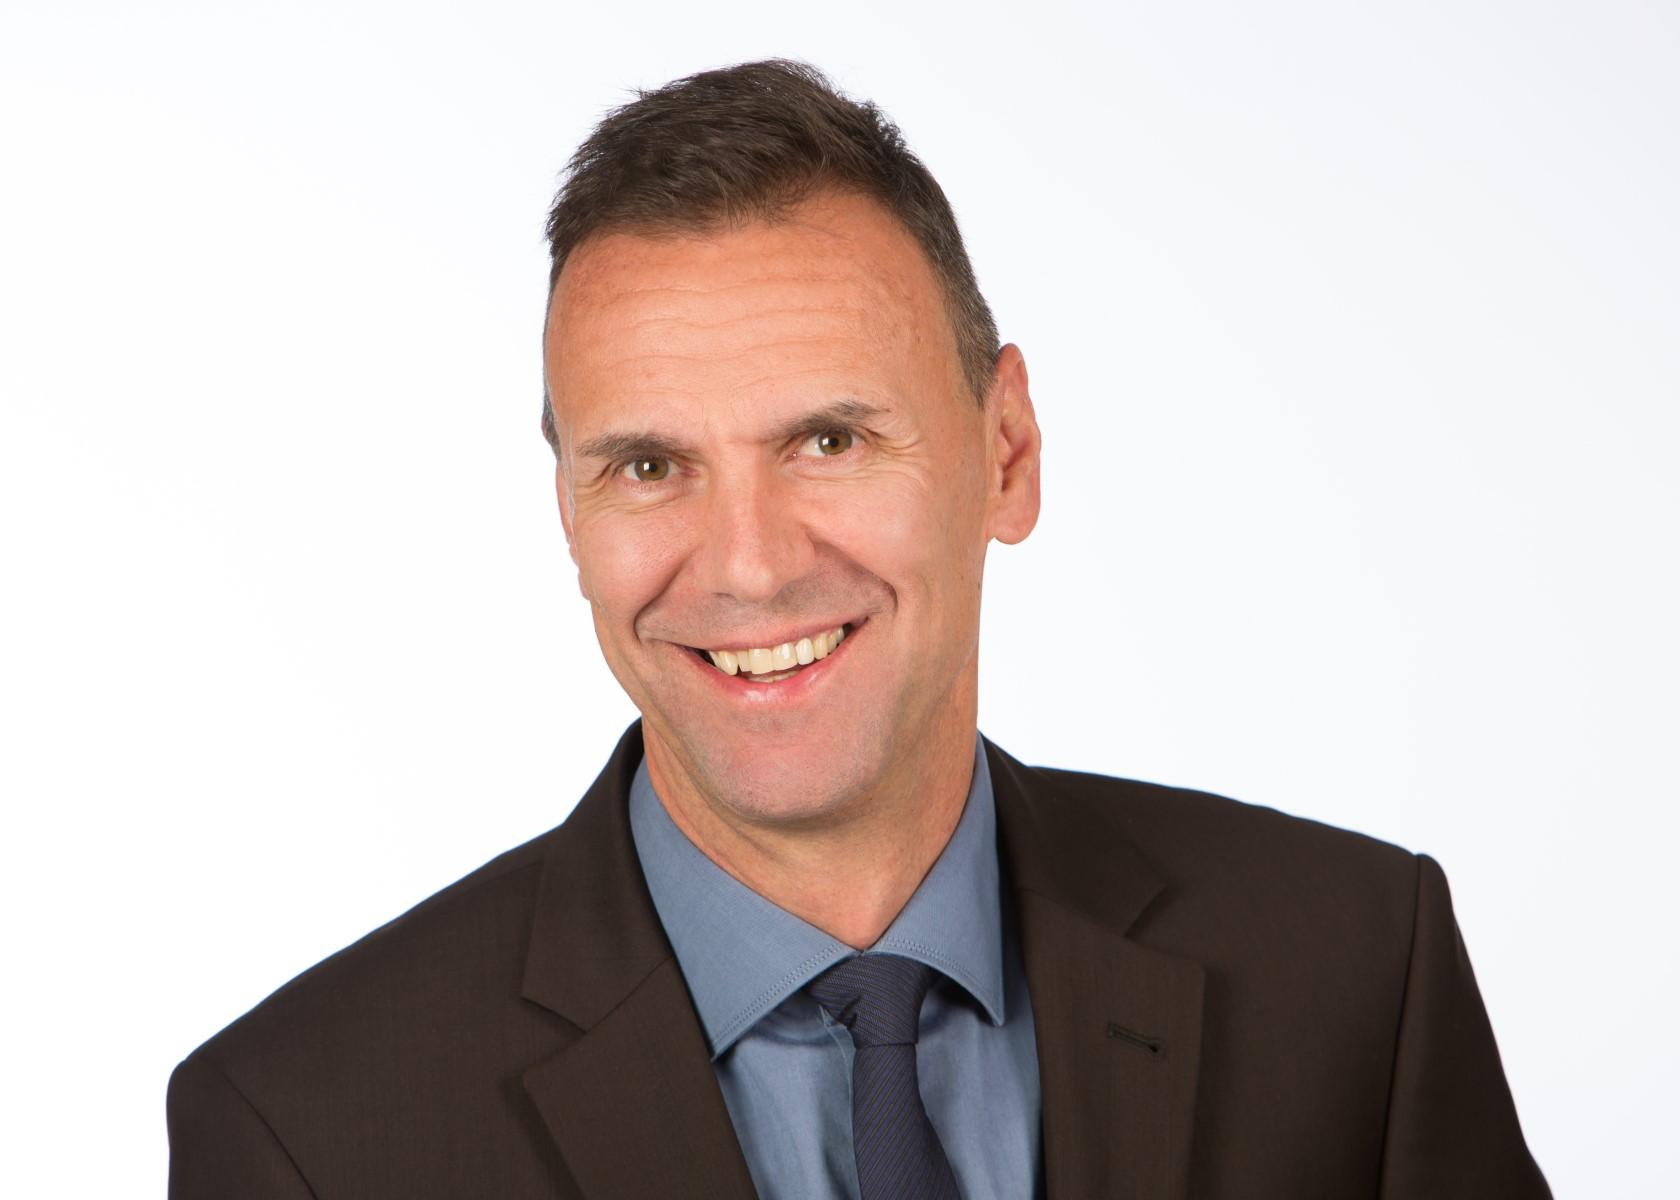 Mario Sacher BfP